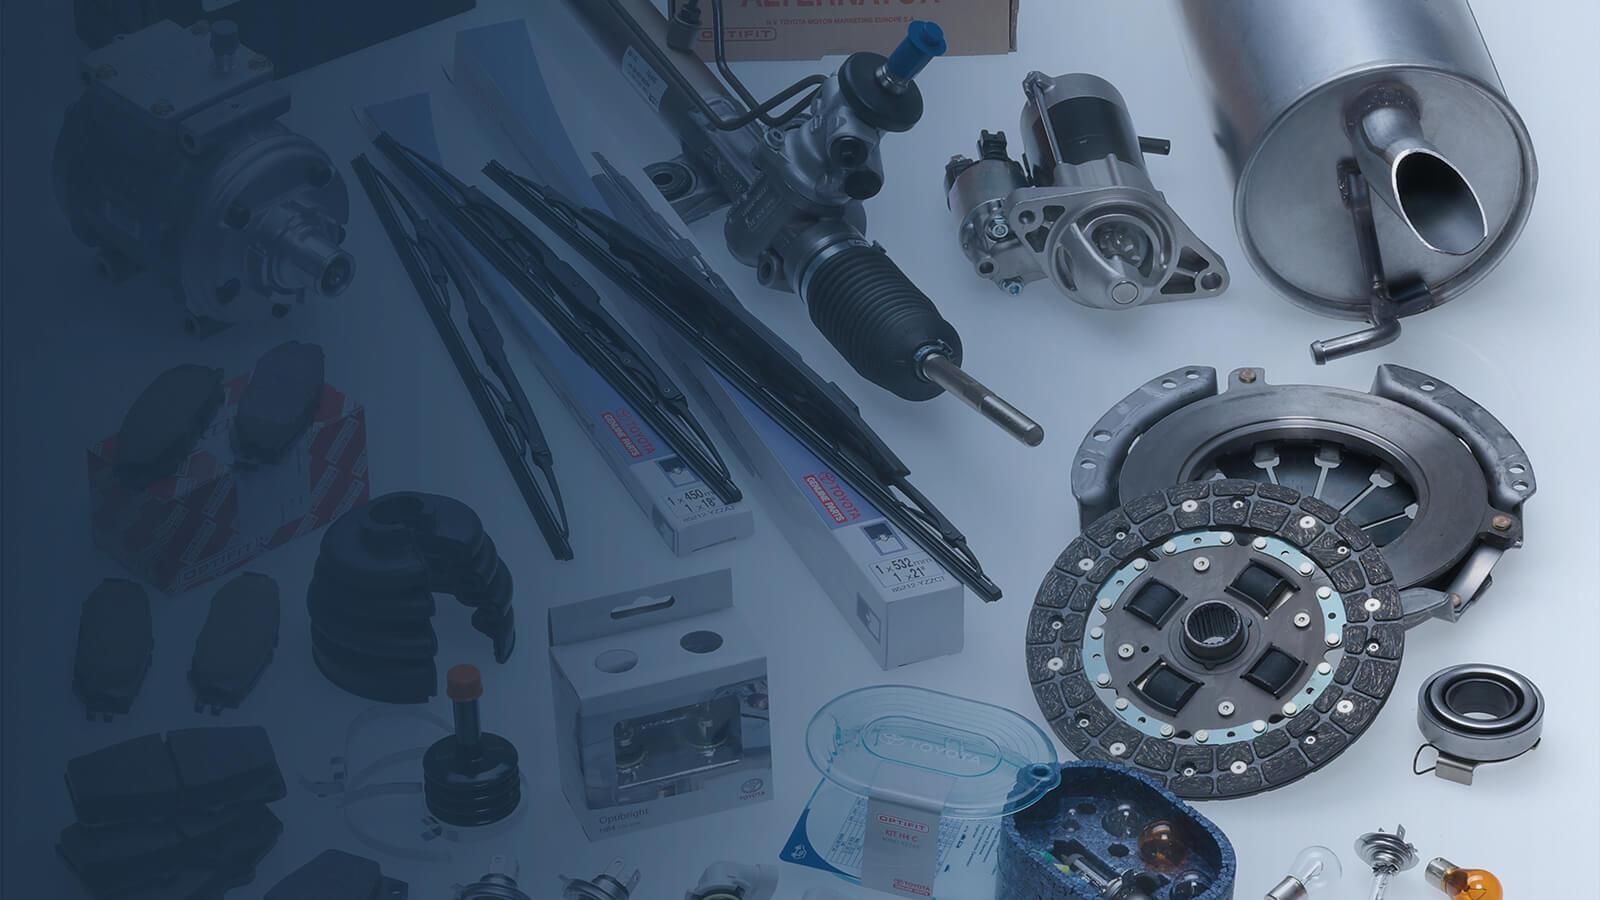 Toyota Rav4 Hybrid Used >> Toyota genuine parts